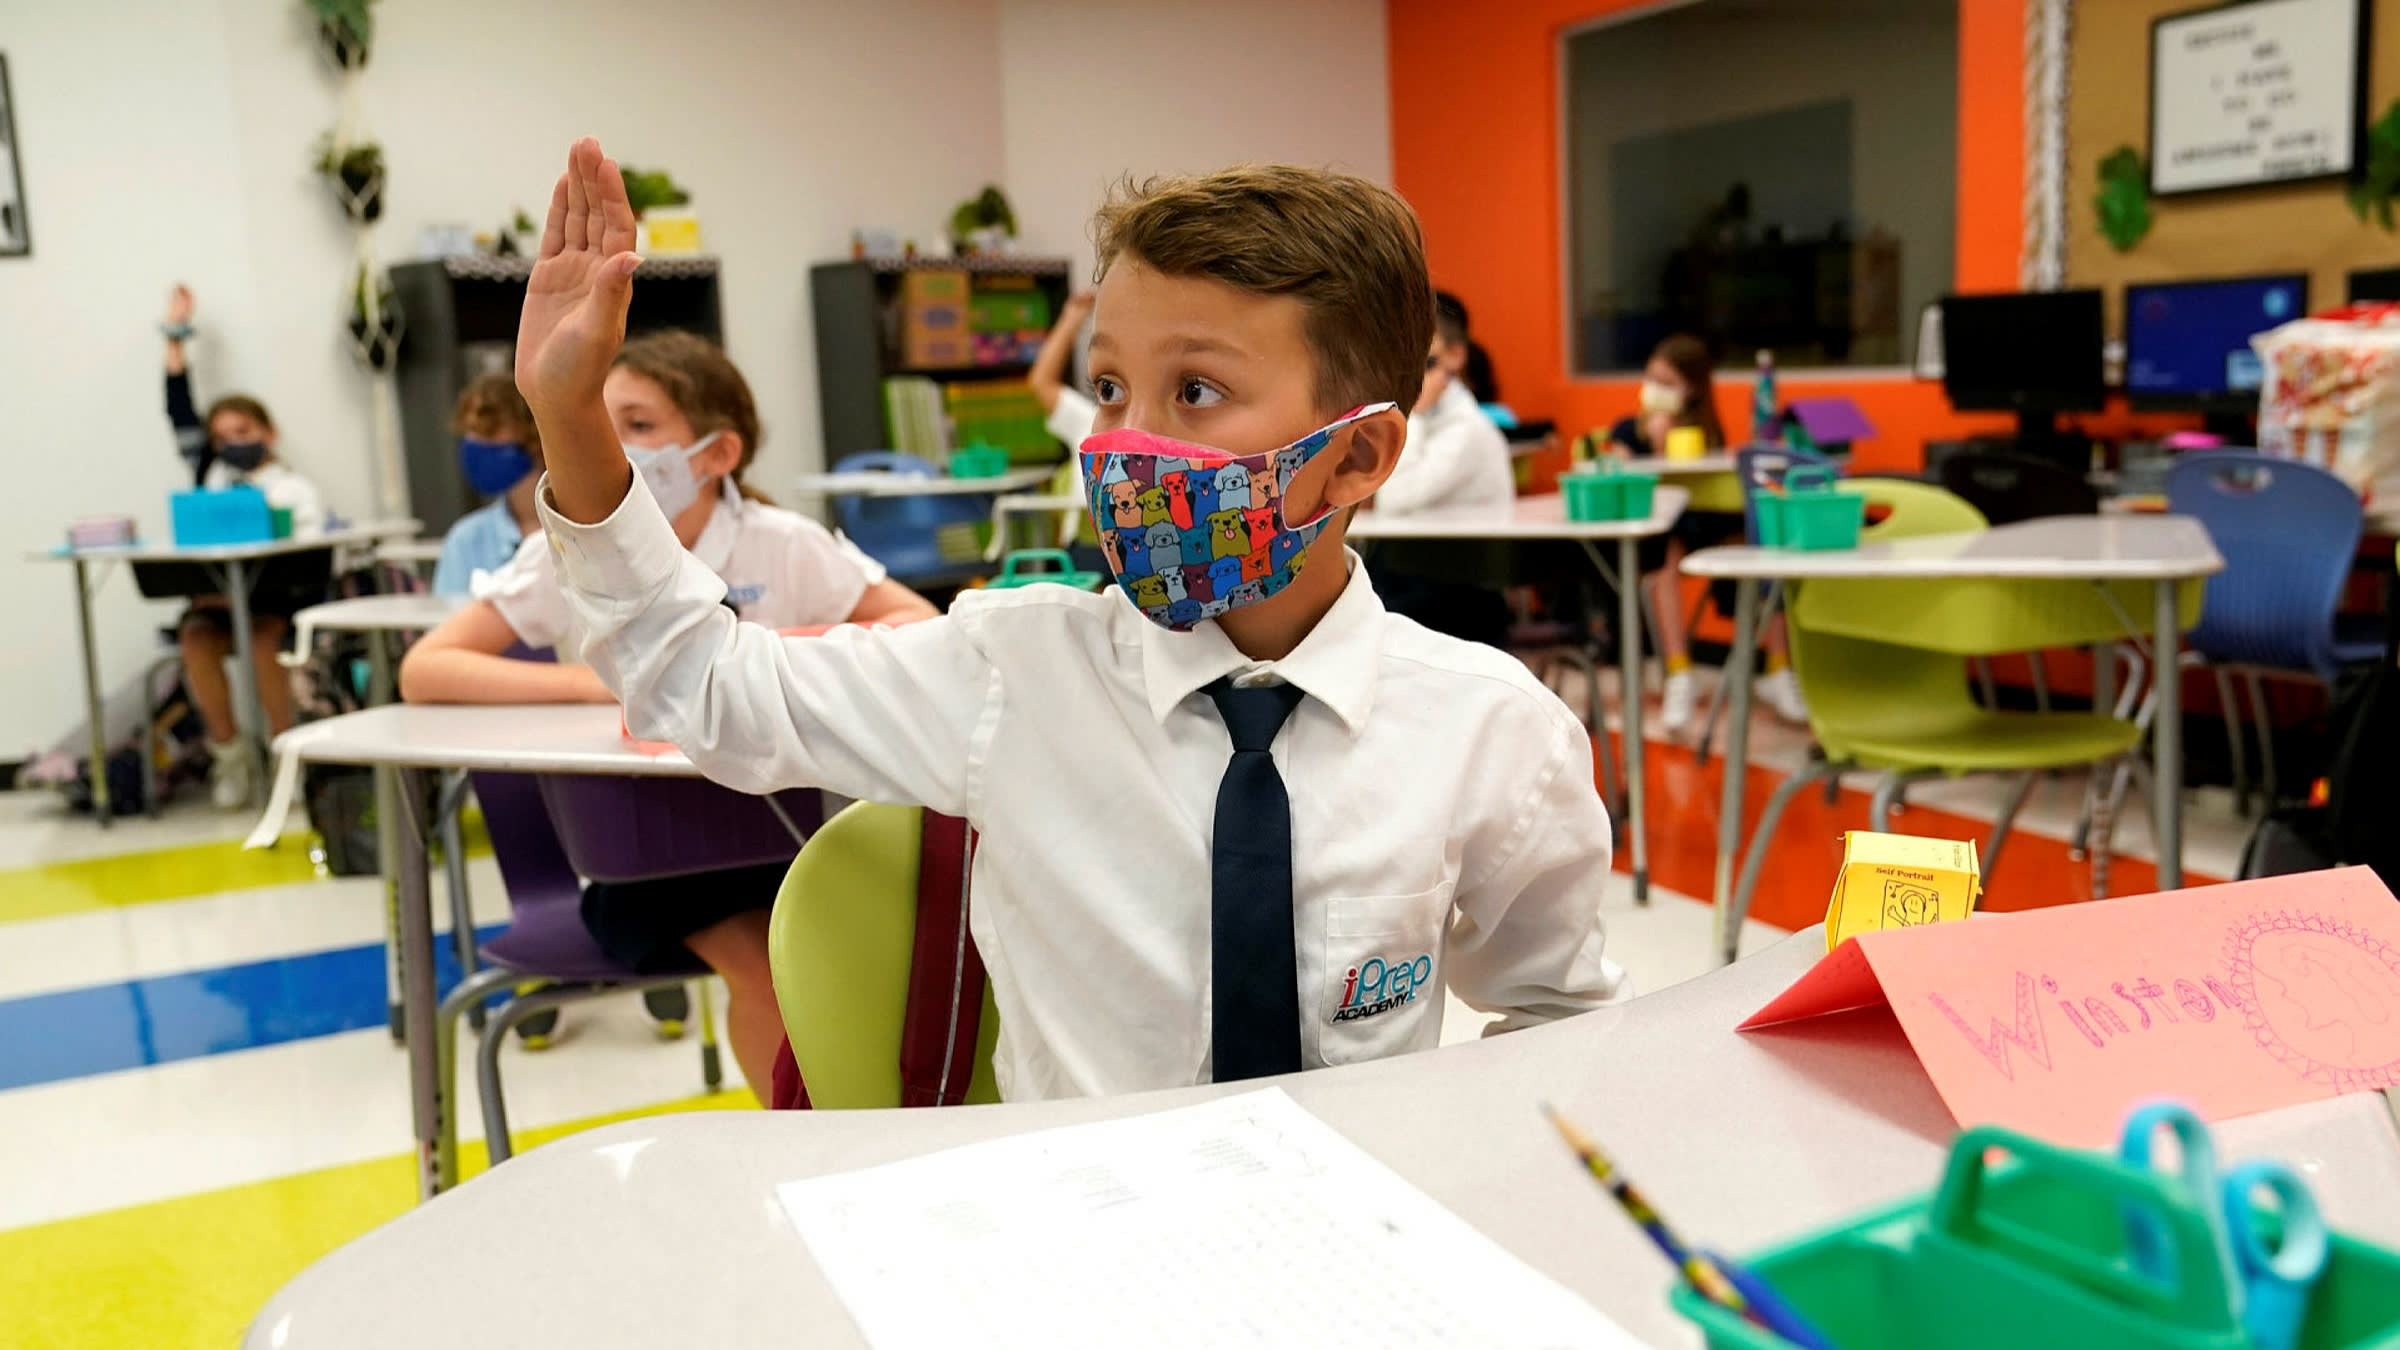 调查显示多数家长仍担心面对面授课带来新冠感染风险